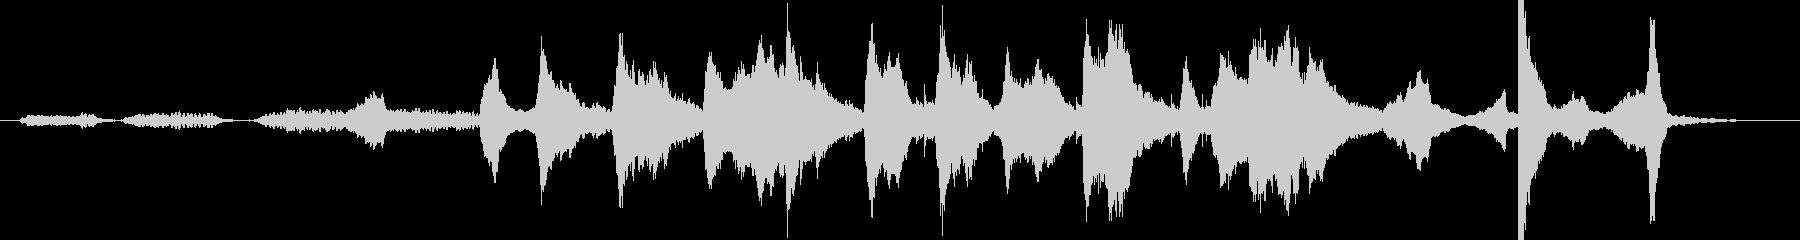 恐怖ホラー系インスト、SE。ロング尺。…の未再生の波形